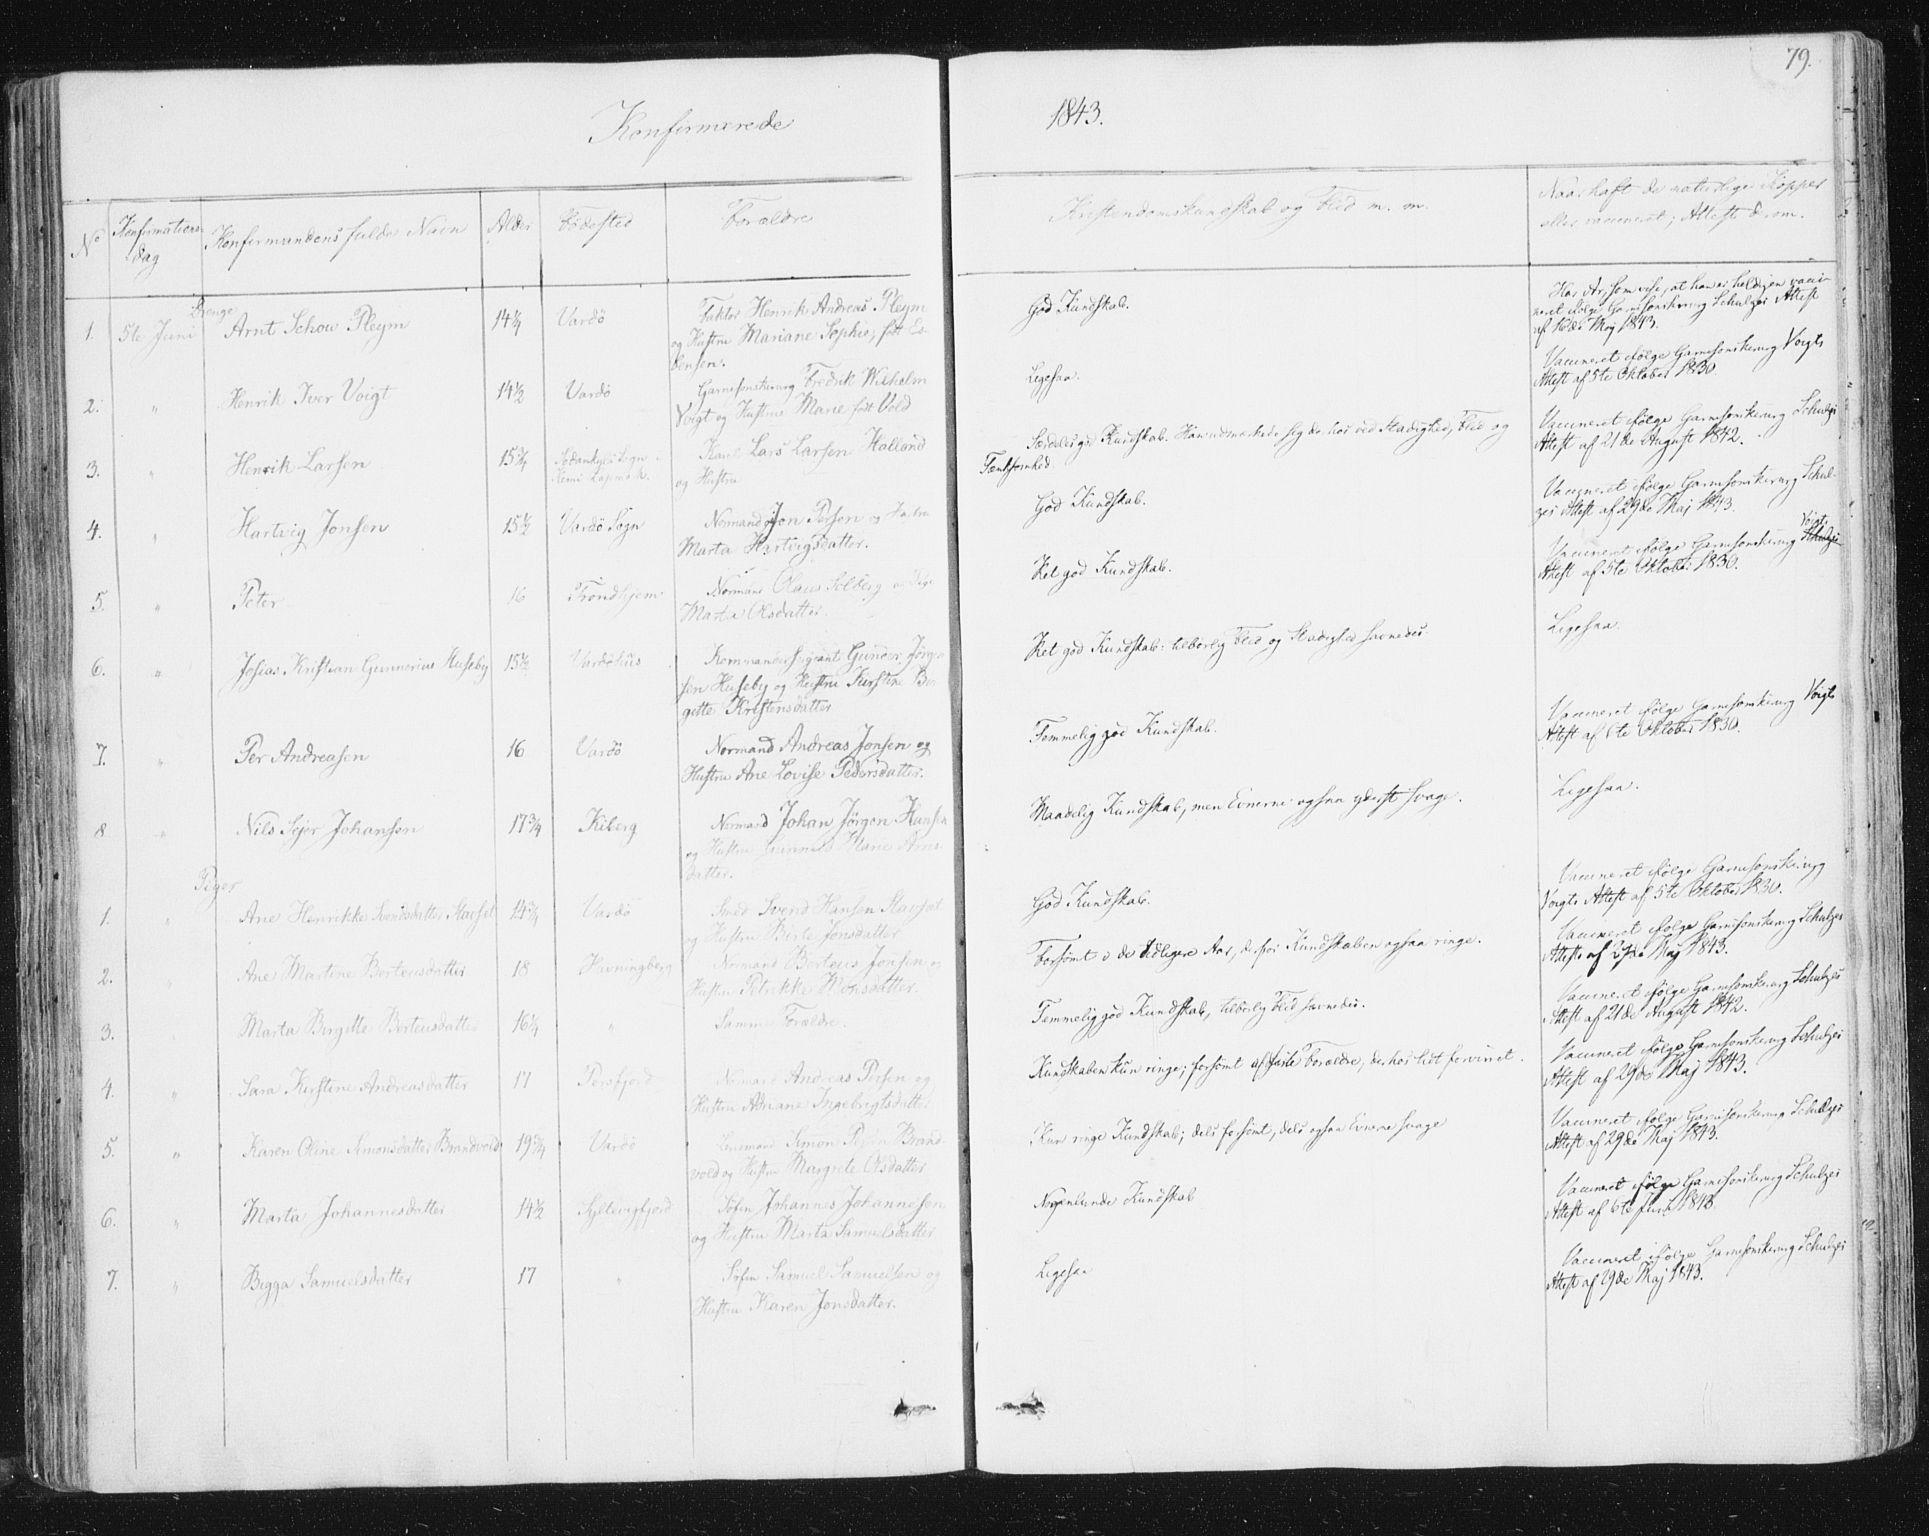 SATØ, Vardø sokneprestkontor, H/Ha/L0003kirke: Ministerialbok nr. 3, 1843-1861, s. 79